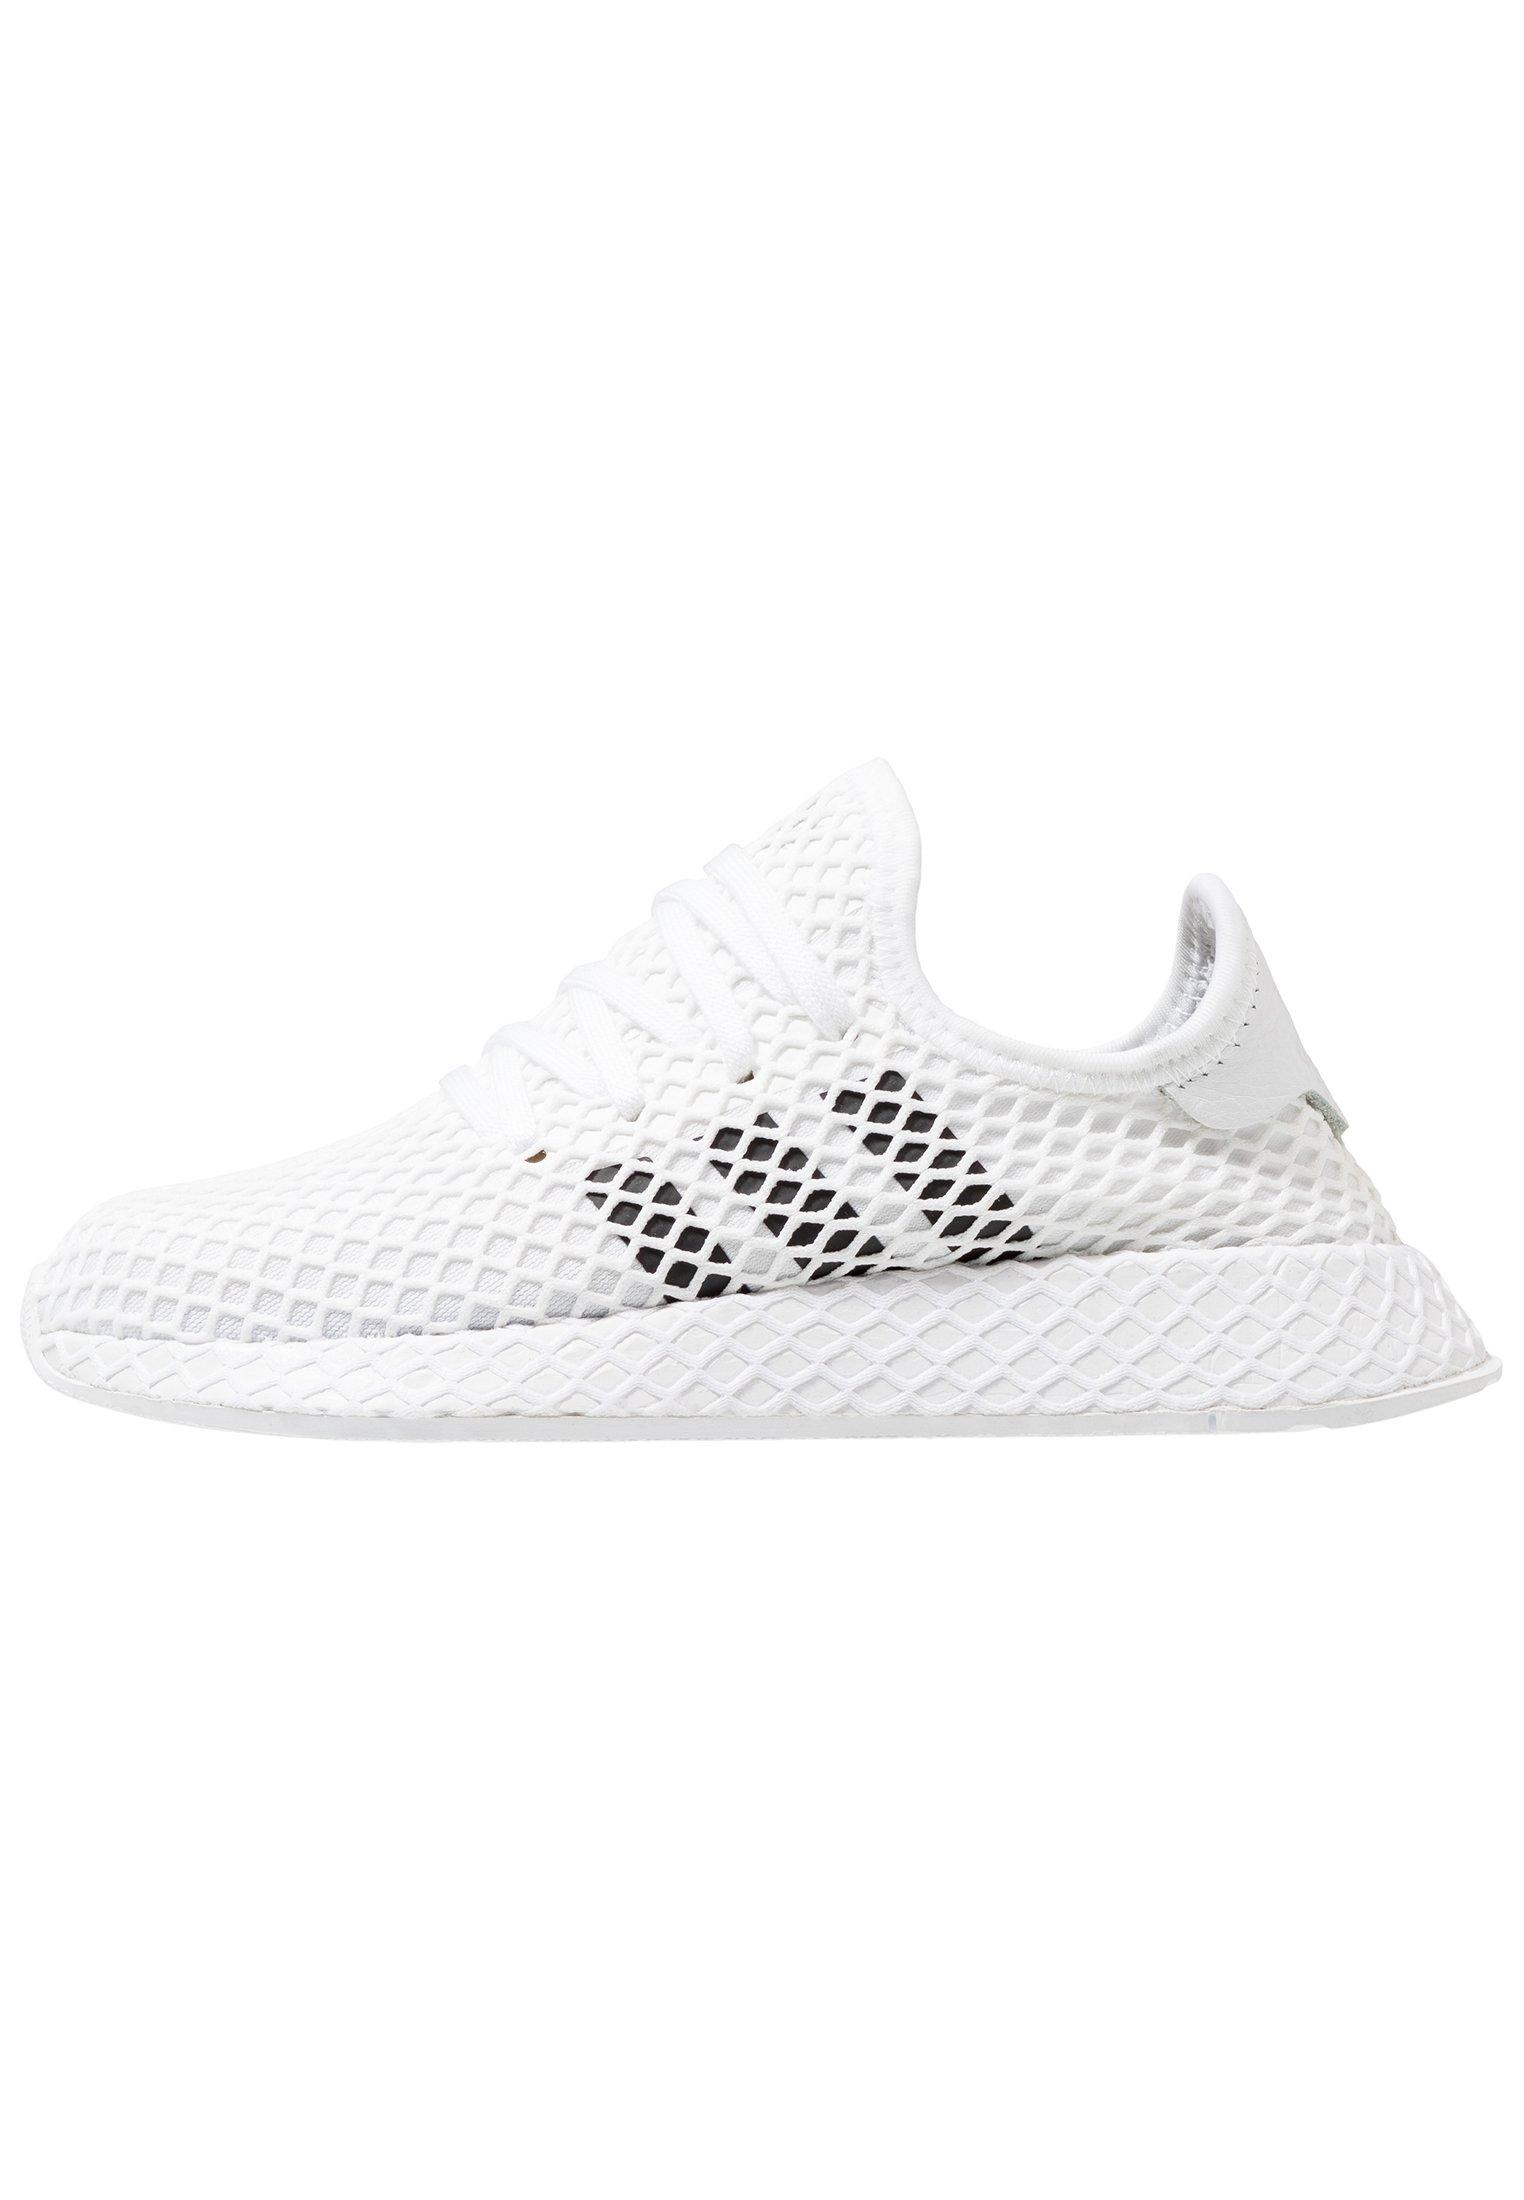 DEERUPT RUNNER Sneakers footwear whitecore blackgrey two